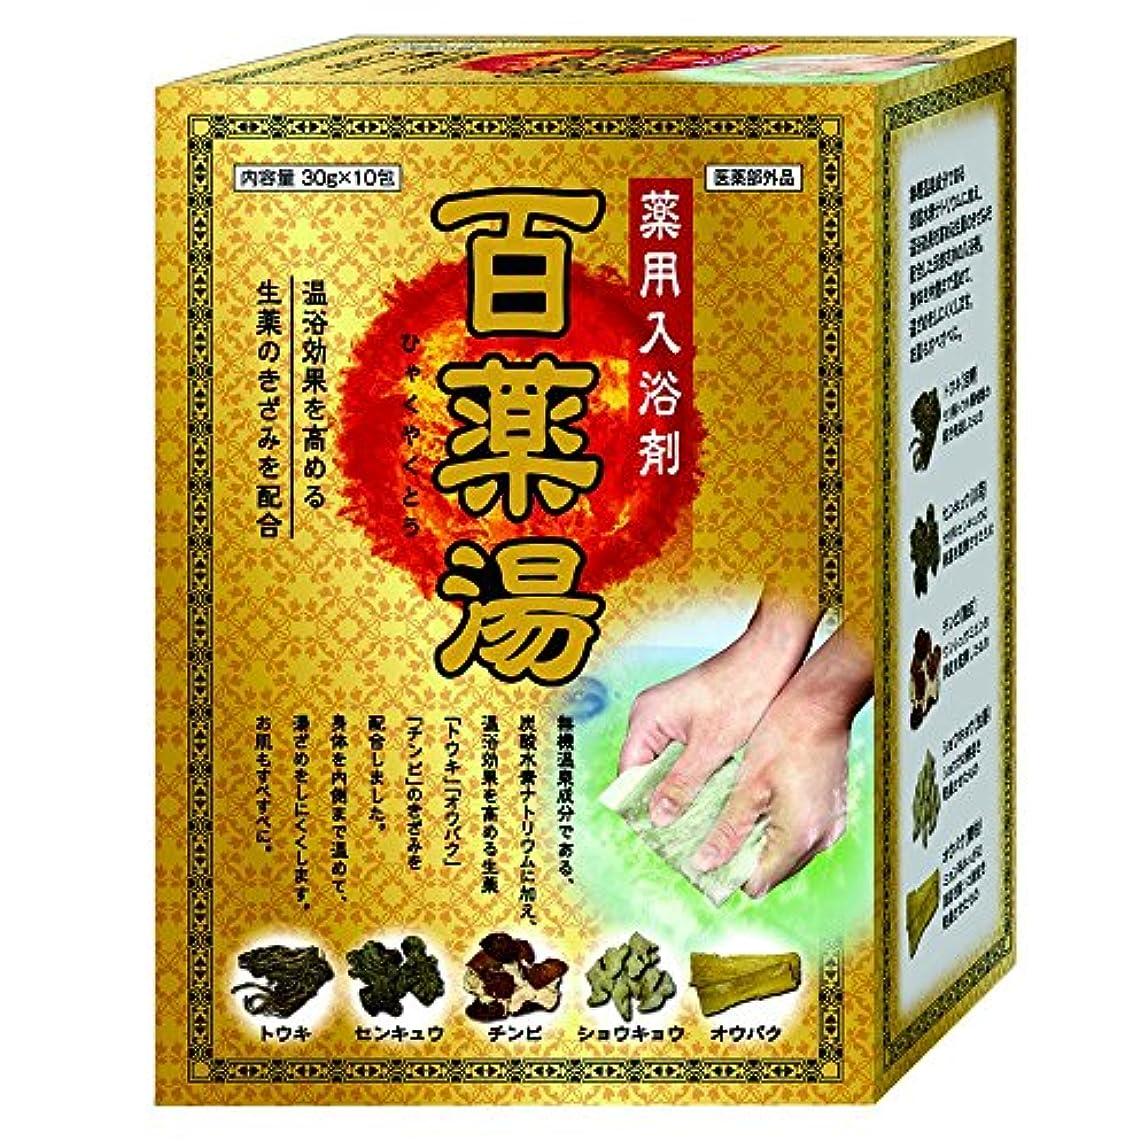 クレジット混沌いつでも百薬湯 薬用入浴剤 温浴効果を高める生薬のきざみを配合 30g×10包 (医薬部外品)